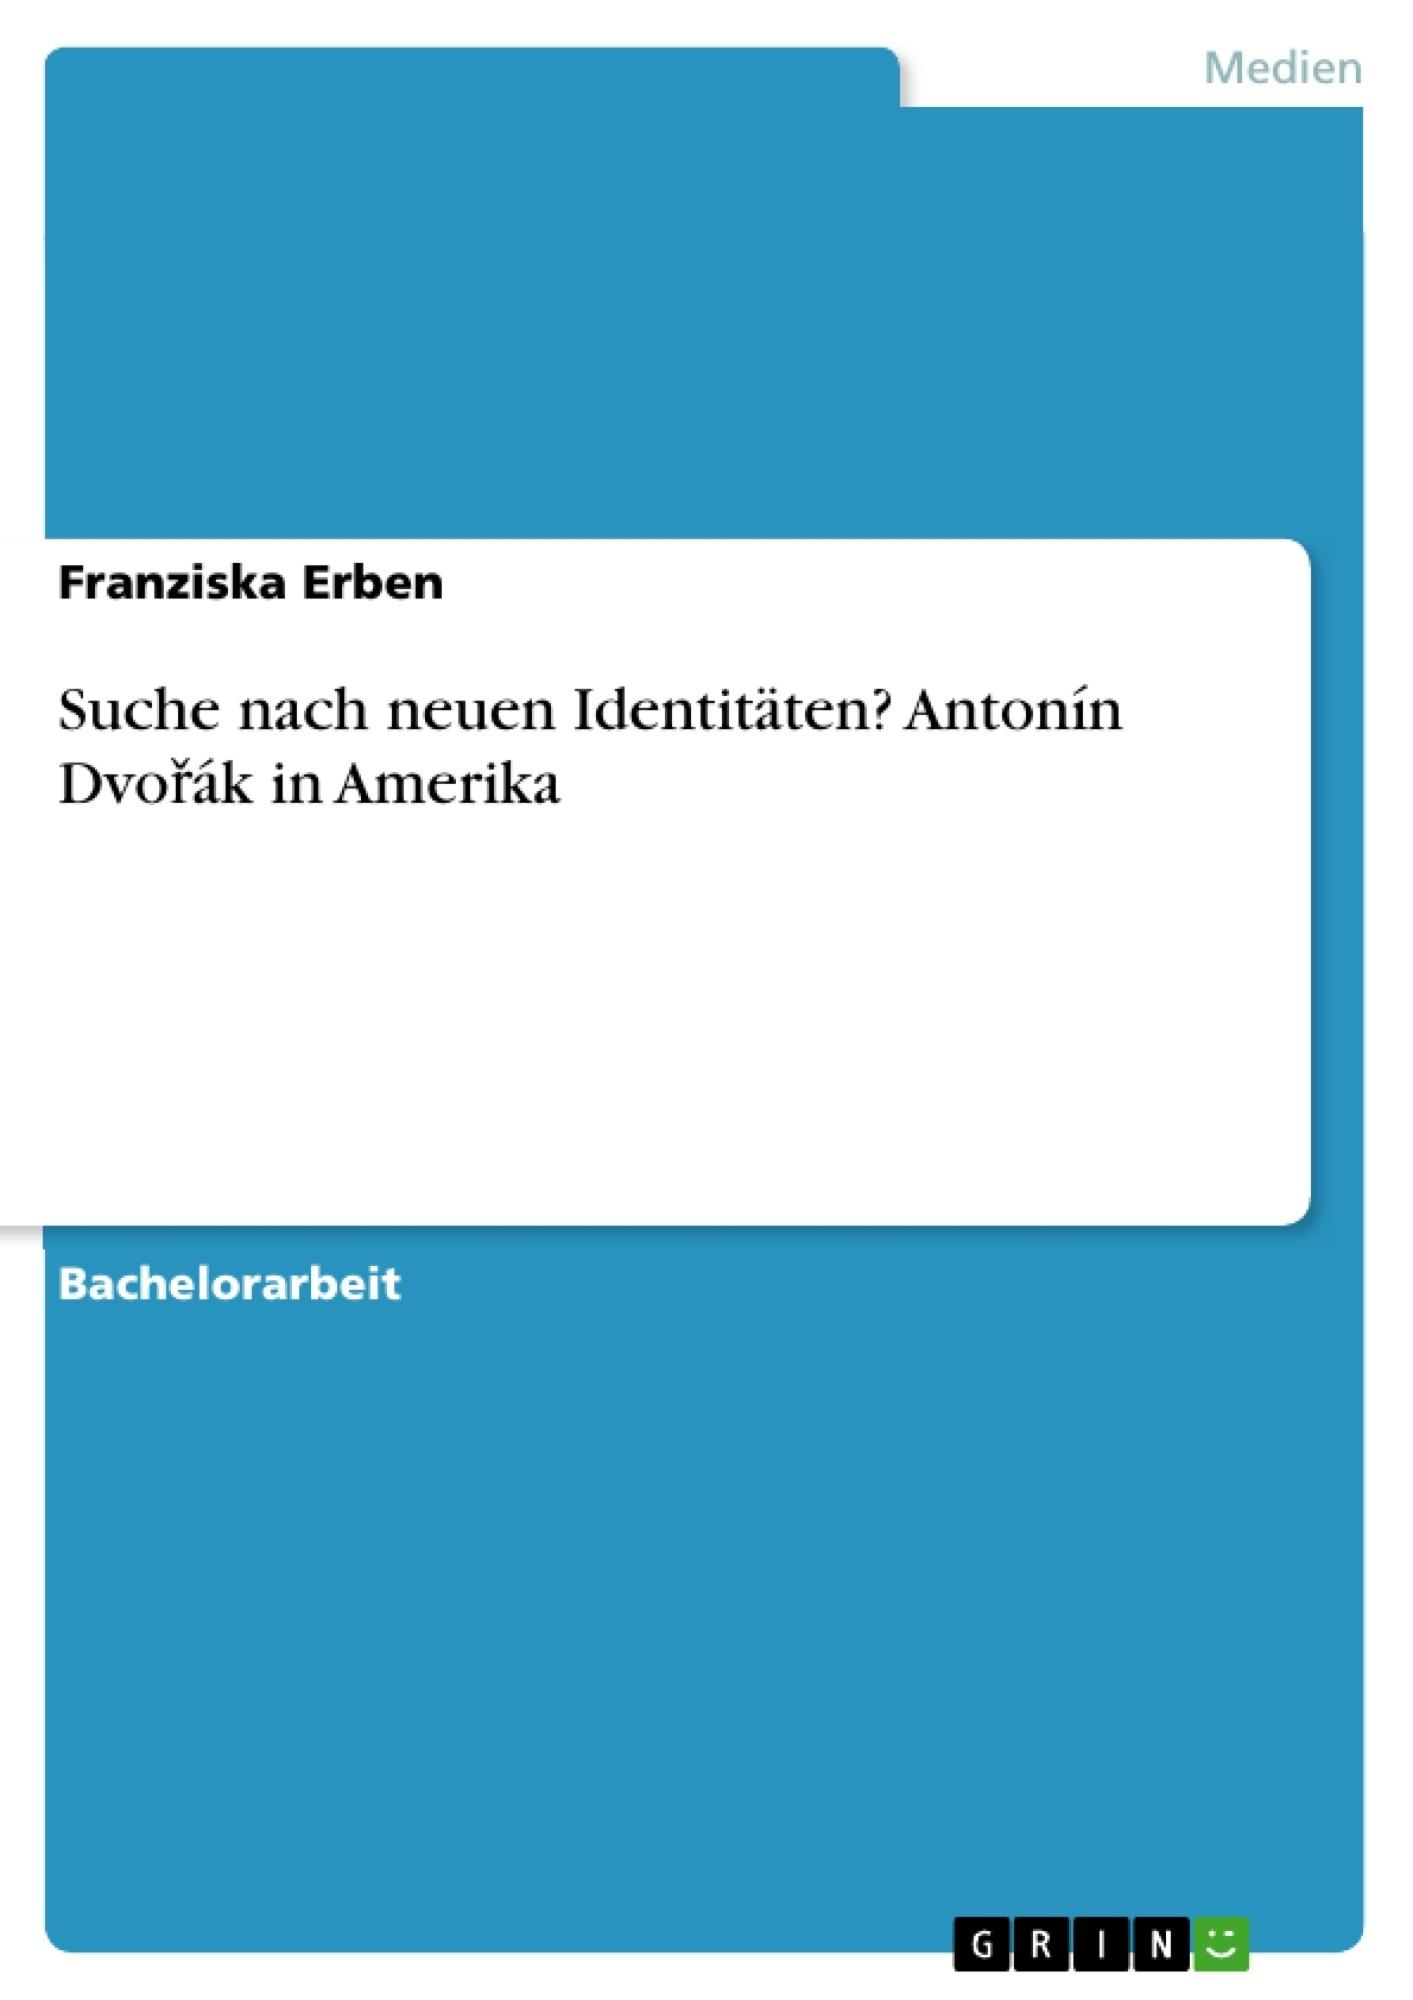 Titel: Suche nach neuen Identitäten? Antonín Dvořák in Amerika